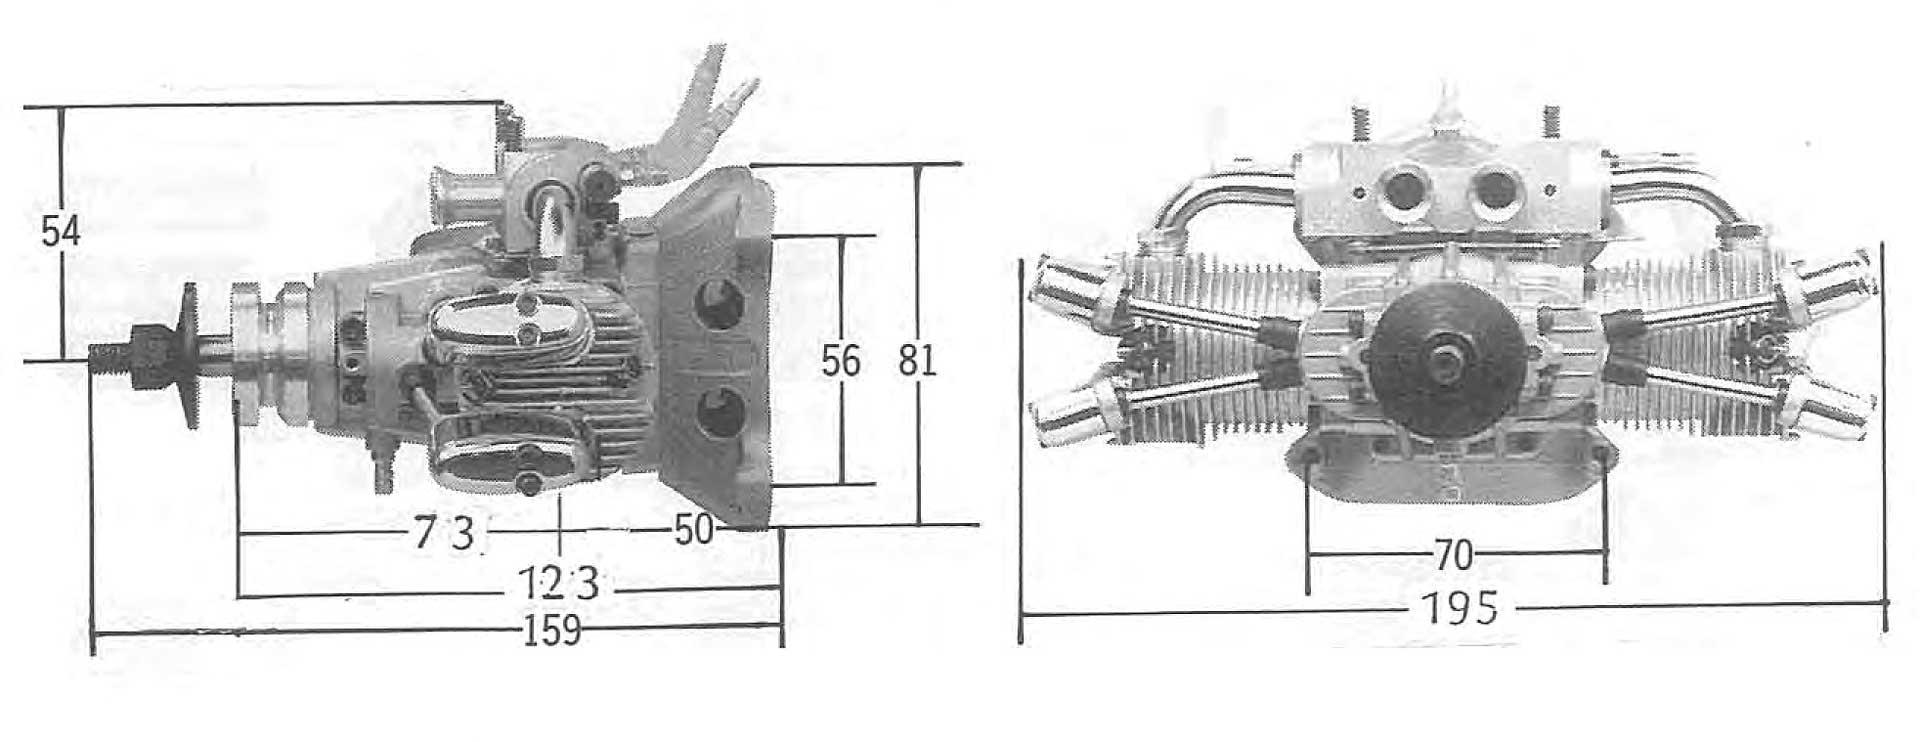 SAITO FA-182TD 2-ZYLINDER BOXER MOTOR